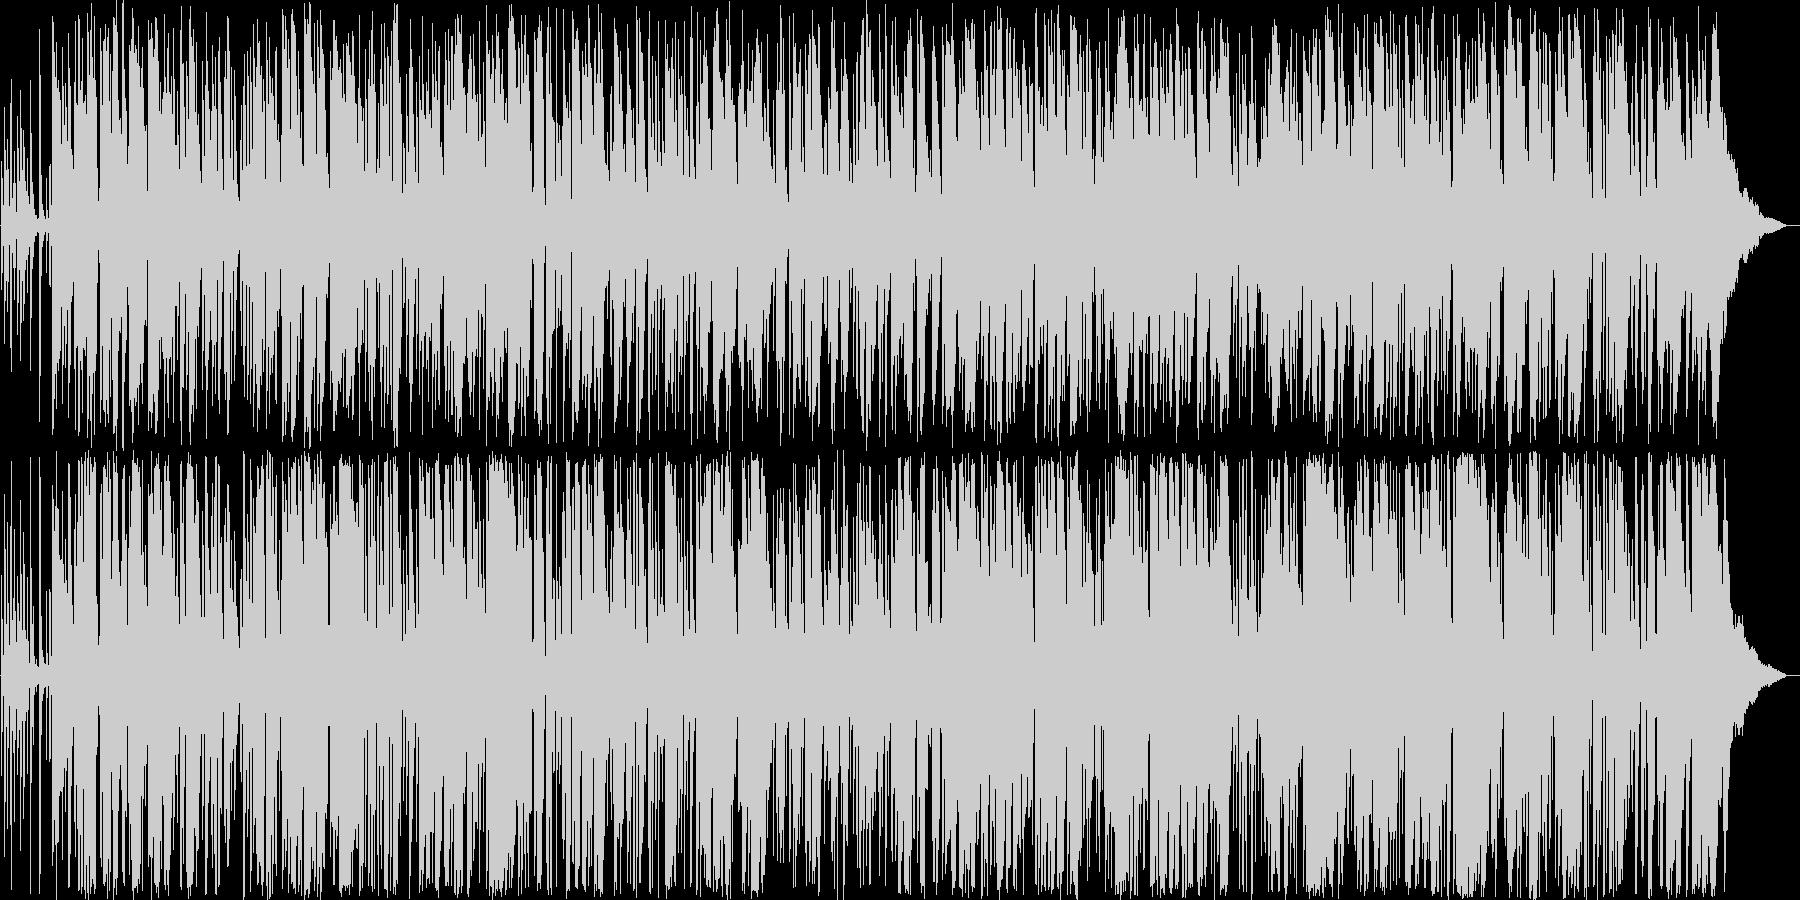 ジャズっぽいリズミカルな曲の未再生の波形